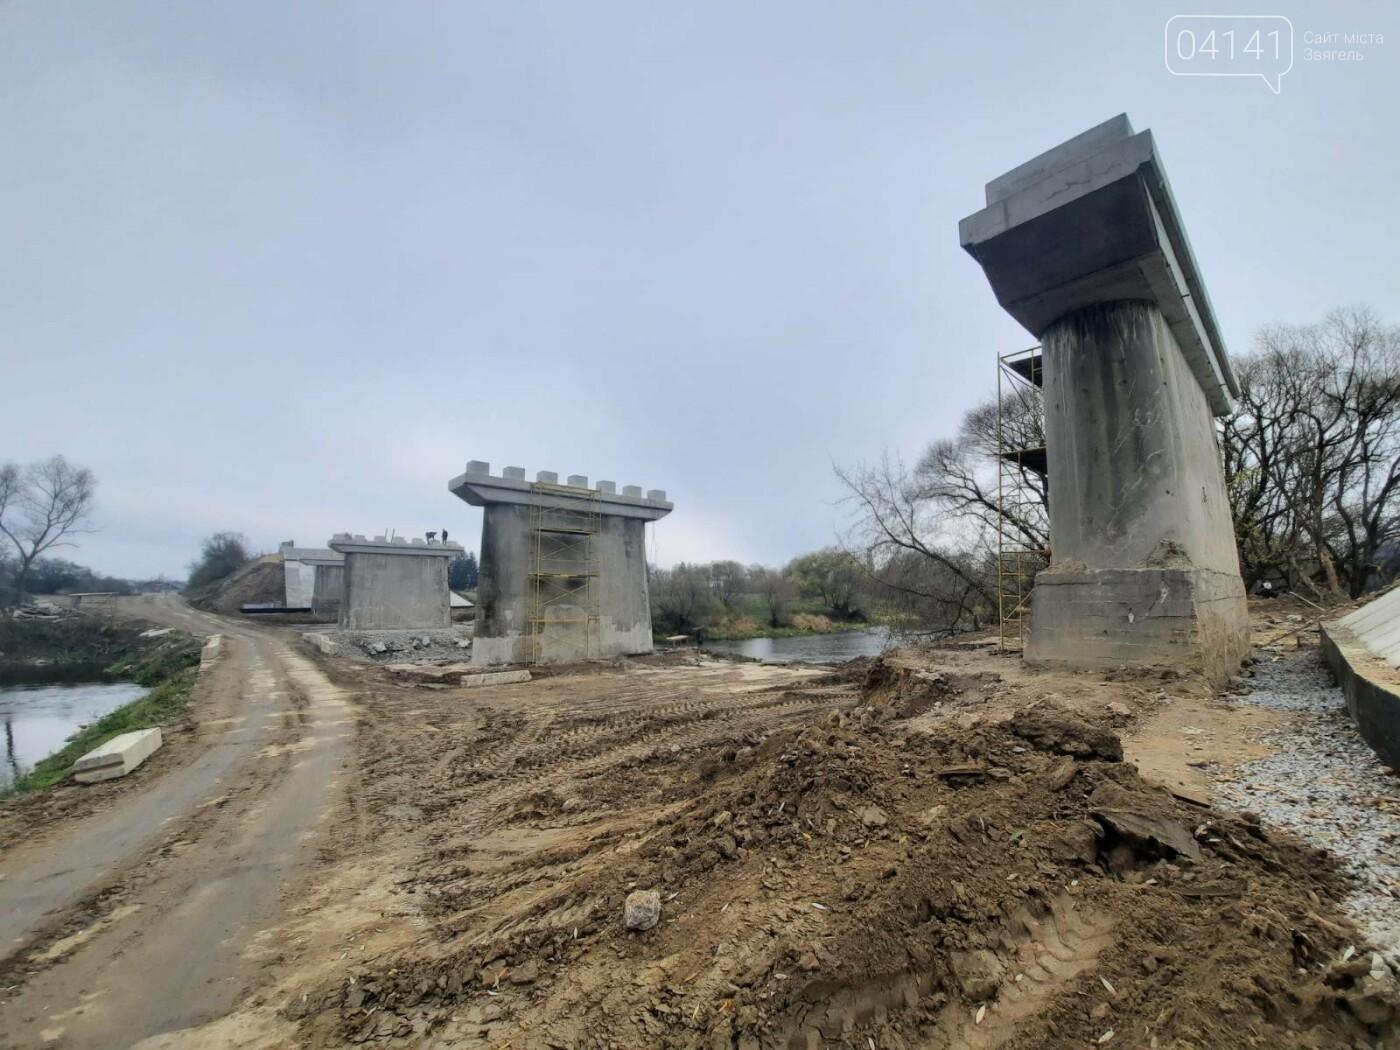 """""""Чижівський міст"""": Як ведеться будівництво моста через річку Случ (ФОТО, ВІДЕО), фото-7"""